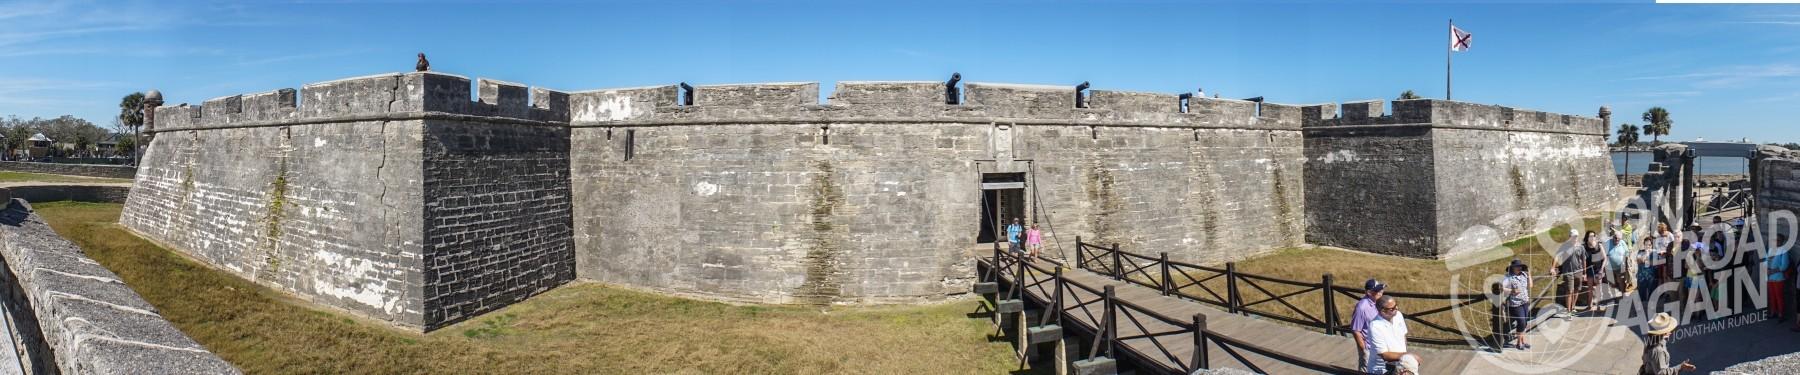 Castillo de San Marcos Panorama